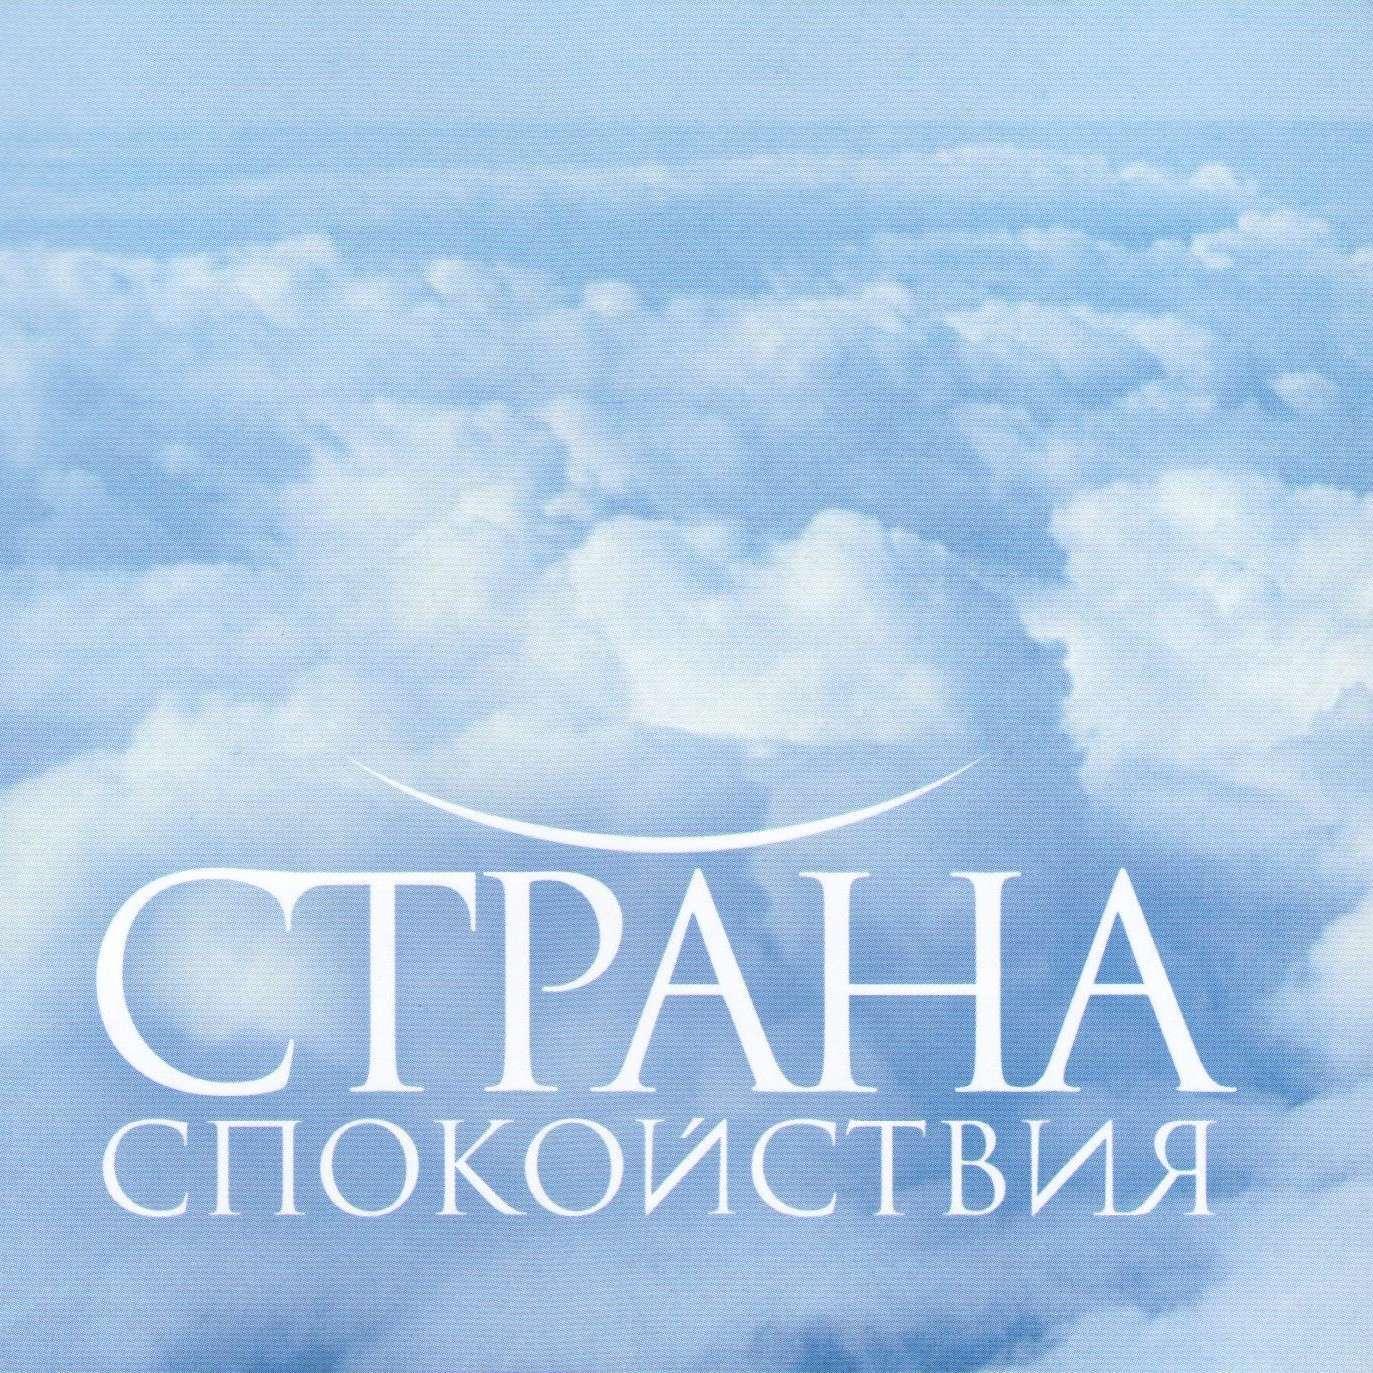 V.A《Country Calm (Страна спокойствия)》[CD级无损/44.1kHz/16bit]